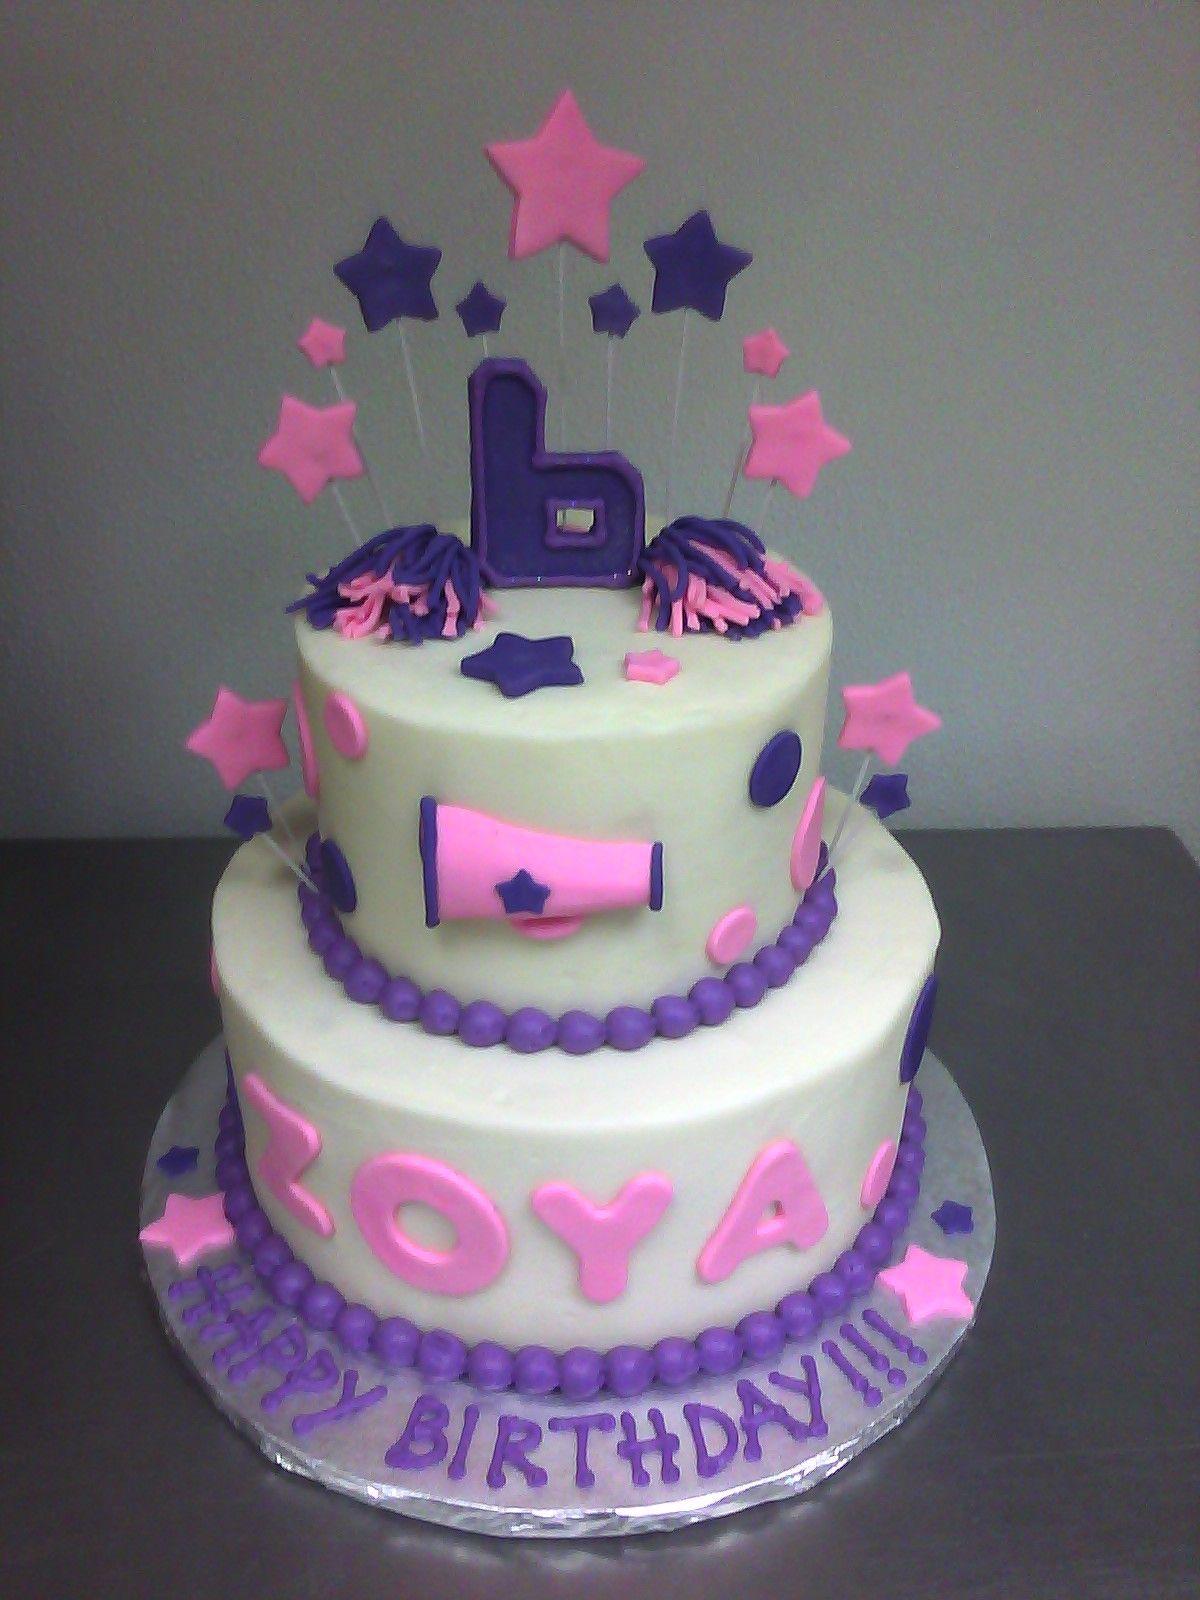 Cheerleading Birthday Cake Cake Stuff Pinterest Cake Birthday